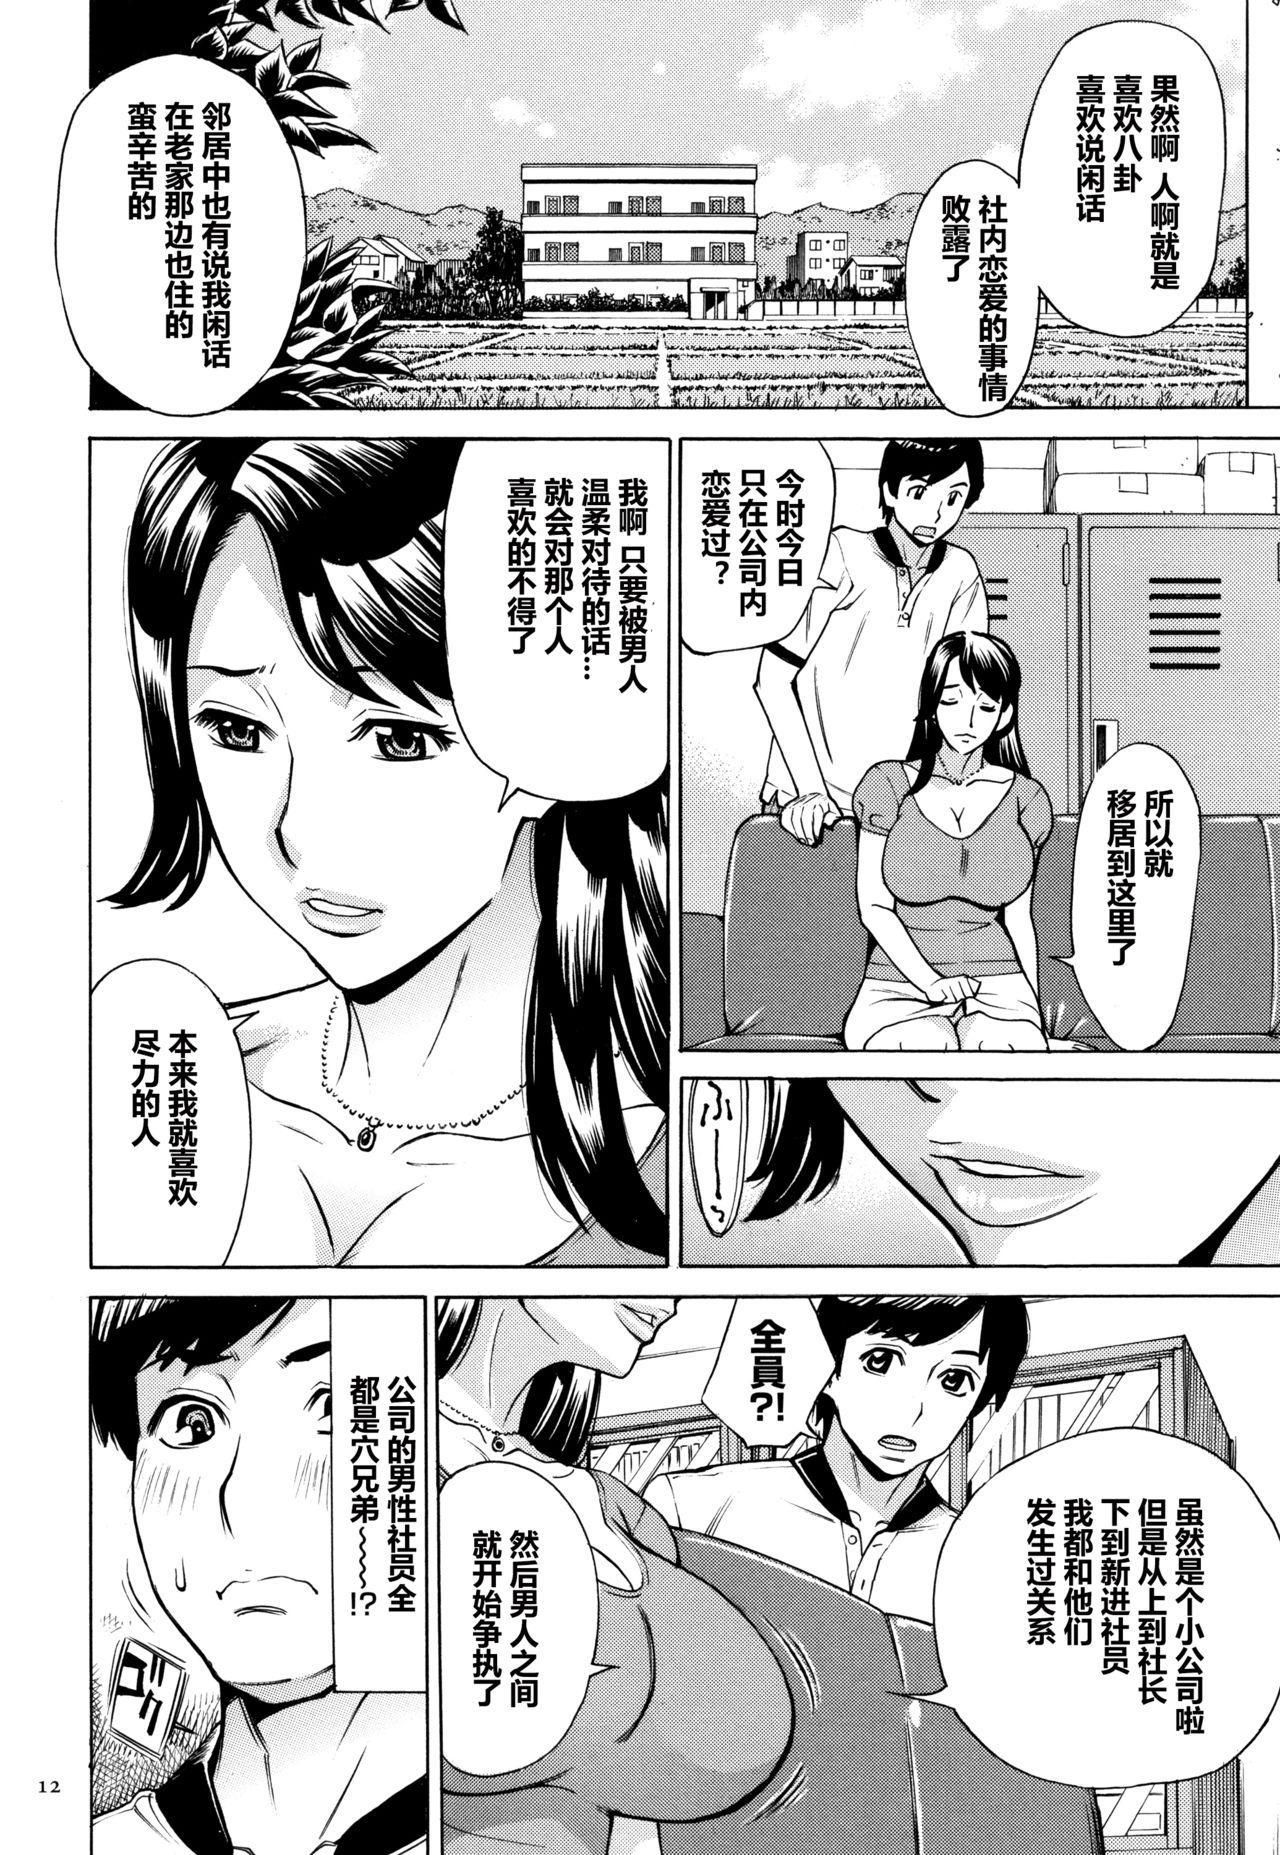 Oba-san dakedo, Daite Hoshii. 12